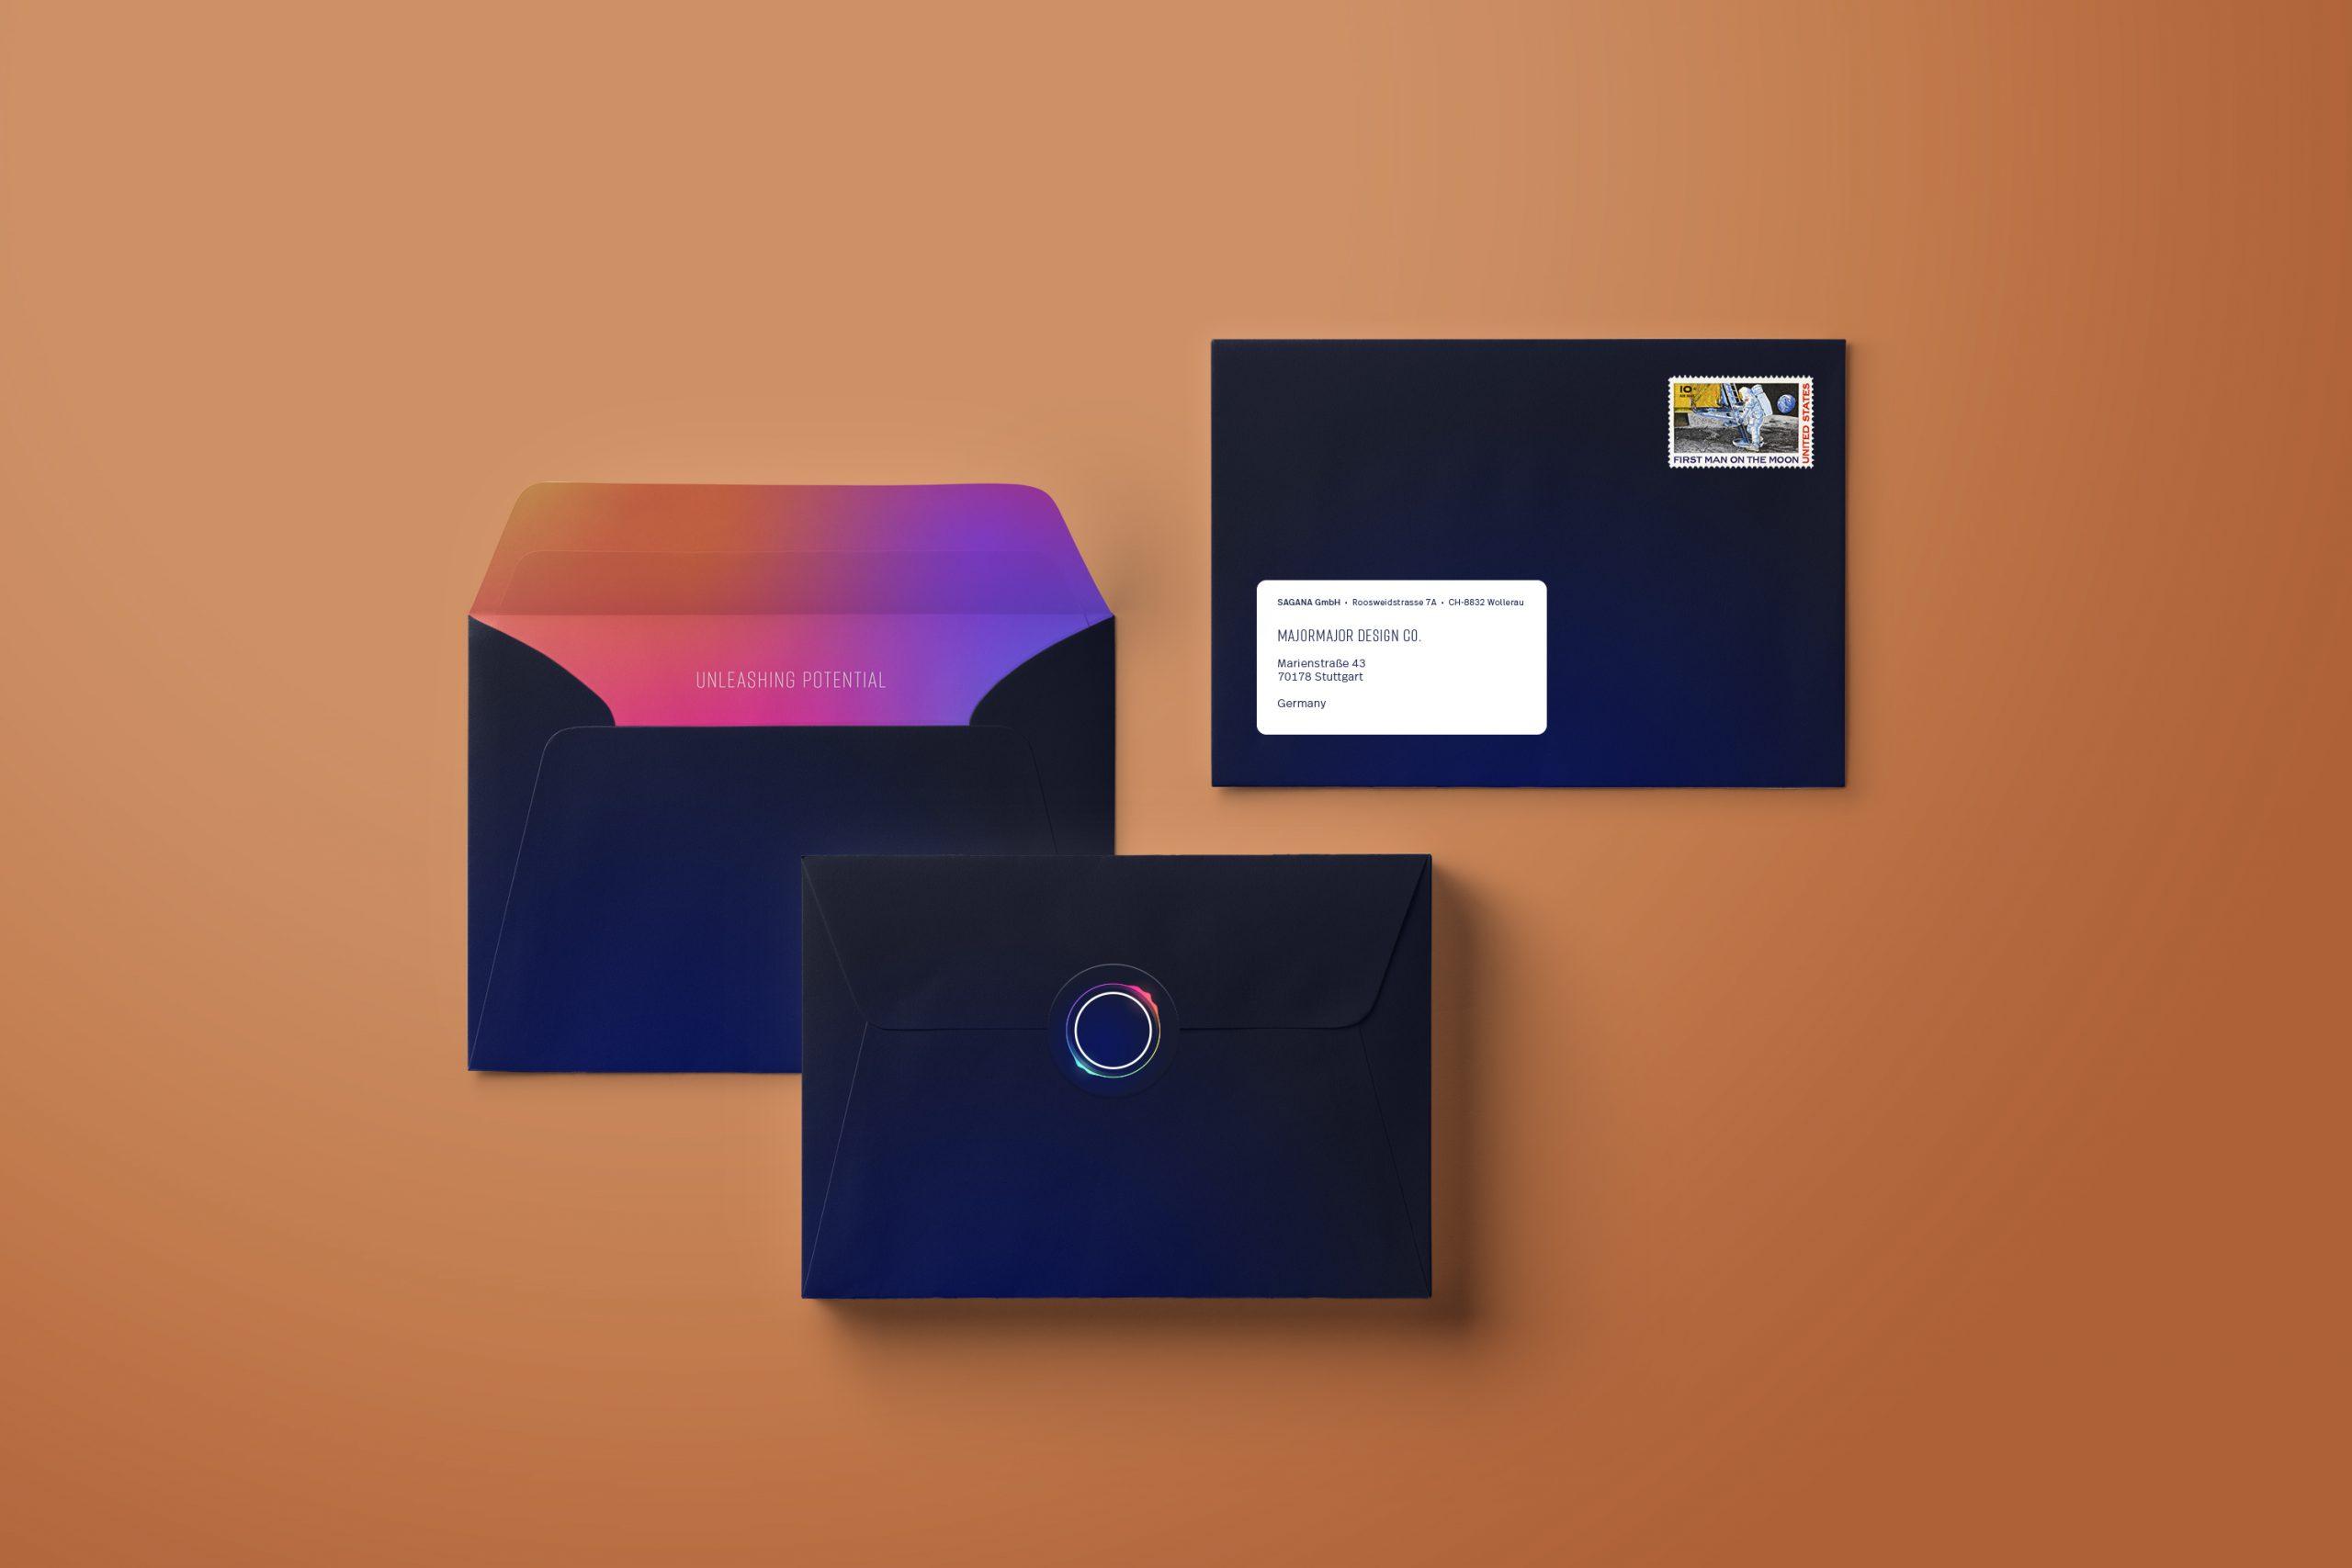 Man sieht das Kuvert der Geschäftsausstattung von Sagana, einer Impact Investment Beratung. das Design stammt von MAJORMAJOR.